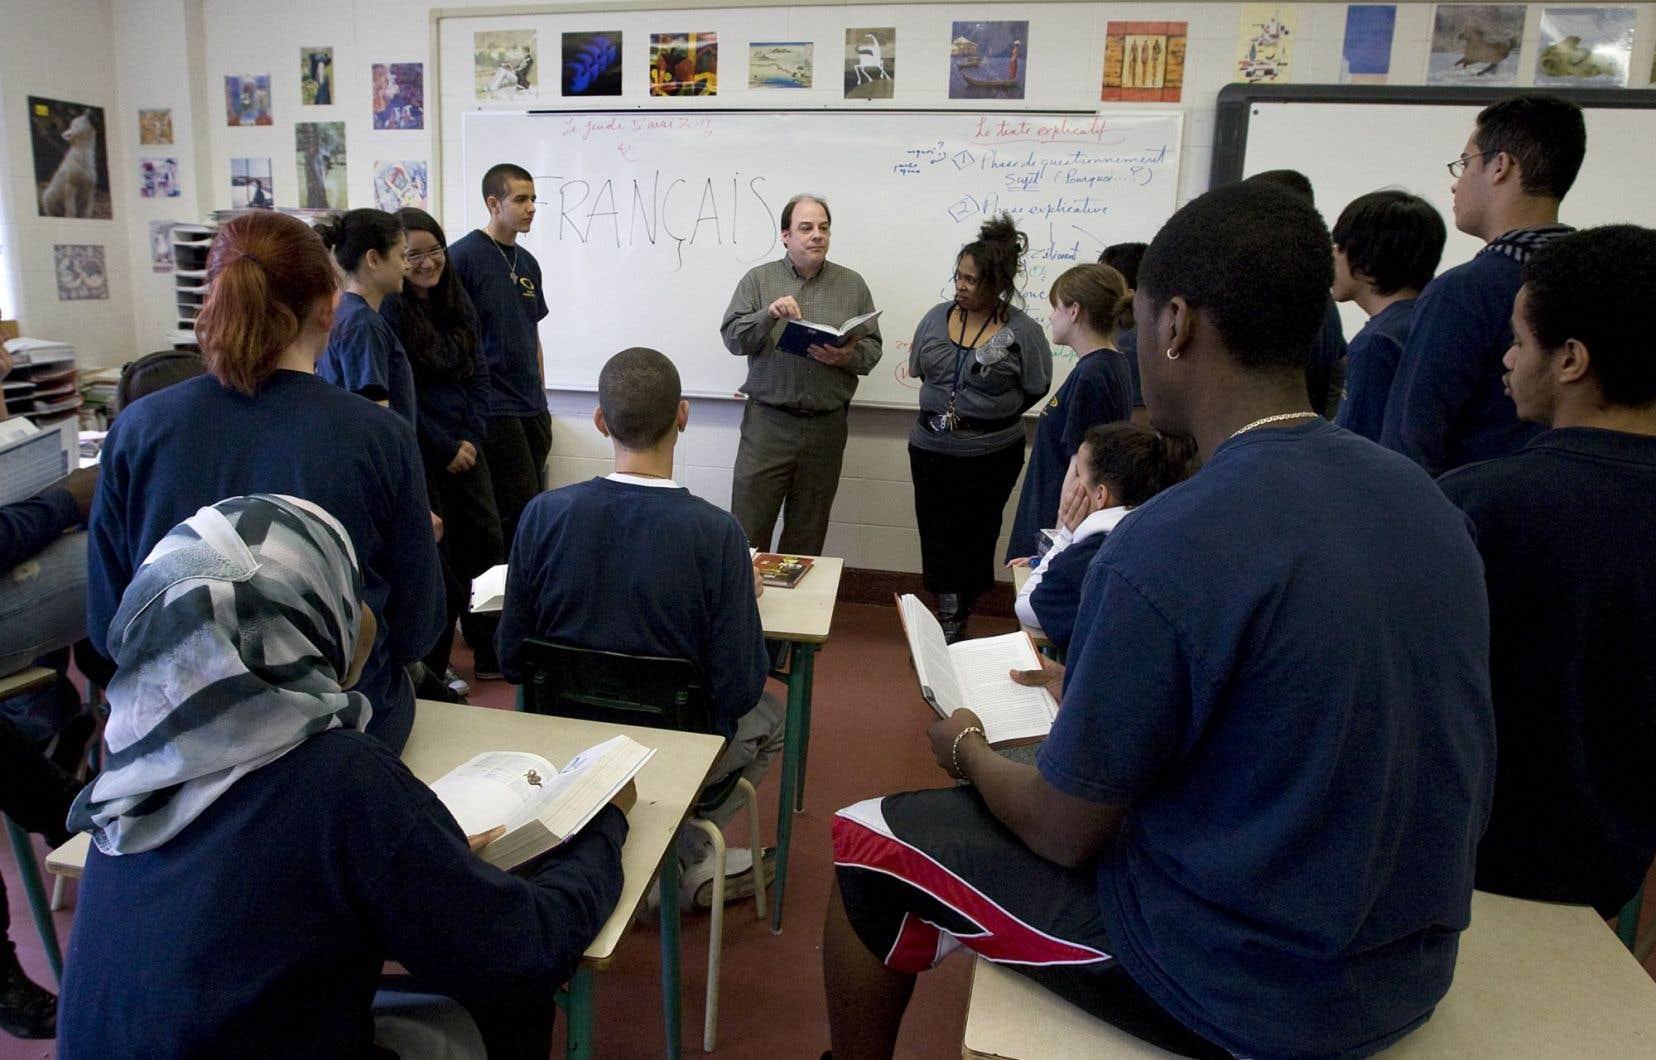 «On rappelle sans cesse qu'il faut des classes plus petites, des enseignements adaptés aux adultes, lesquels, selon leur âge et leur profil, ne sont pas tous semblables», plaide Michèle Stanton-Jean. Sur notre photo, une classe de l'école Pierre-Dupuy à Montréal.